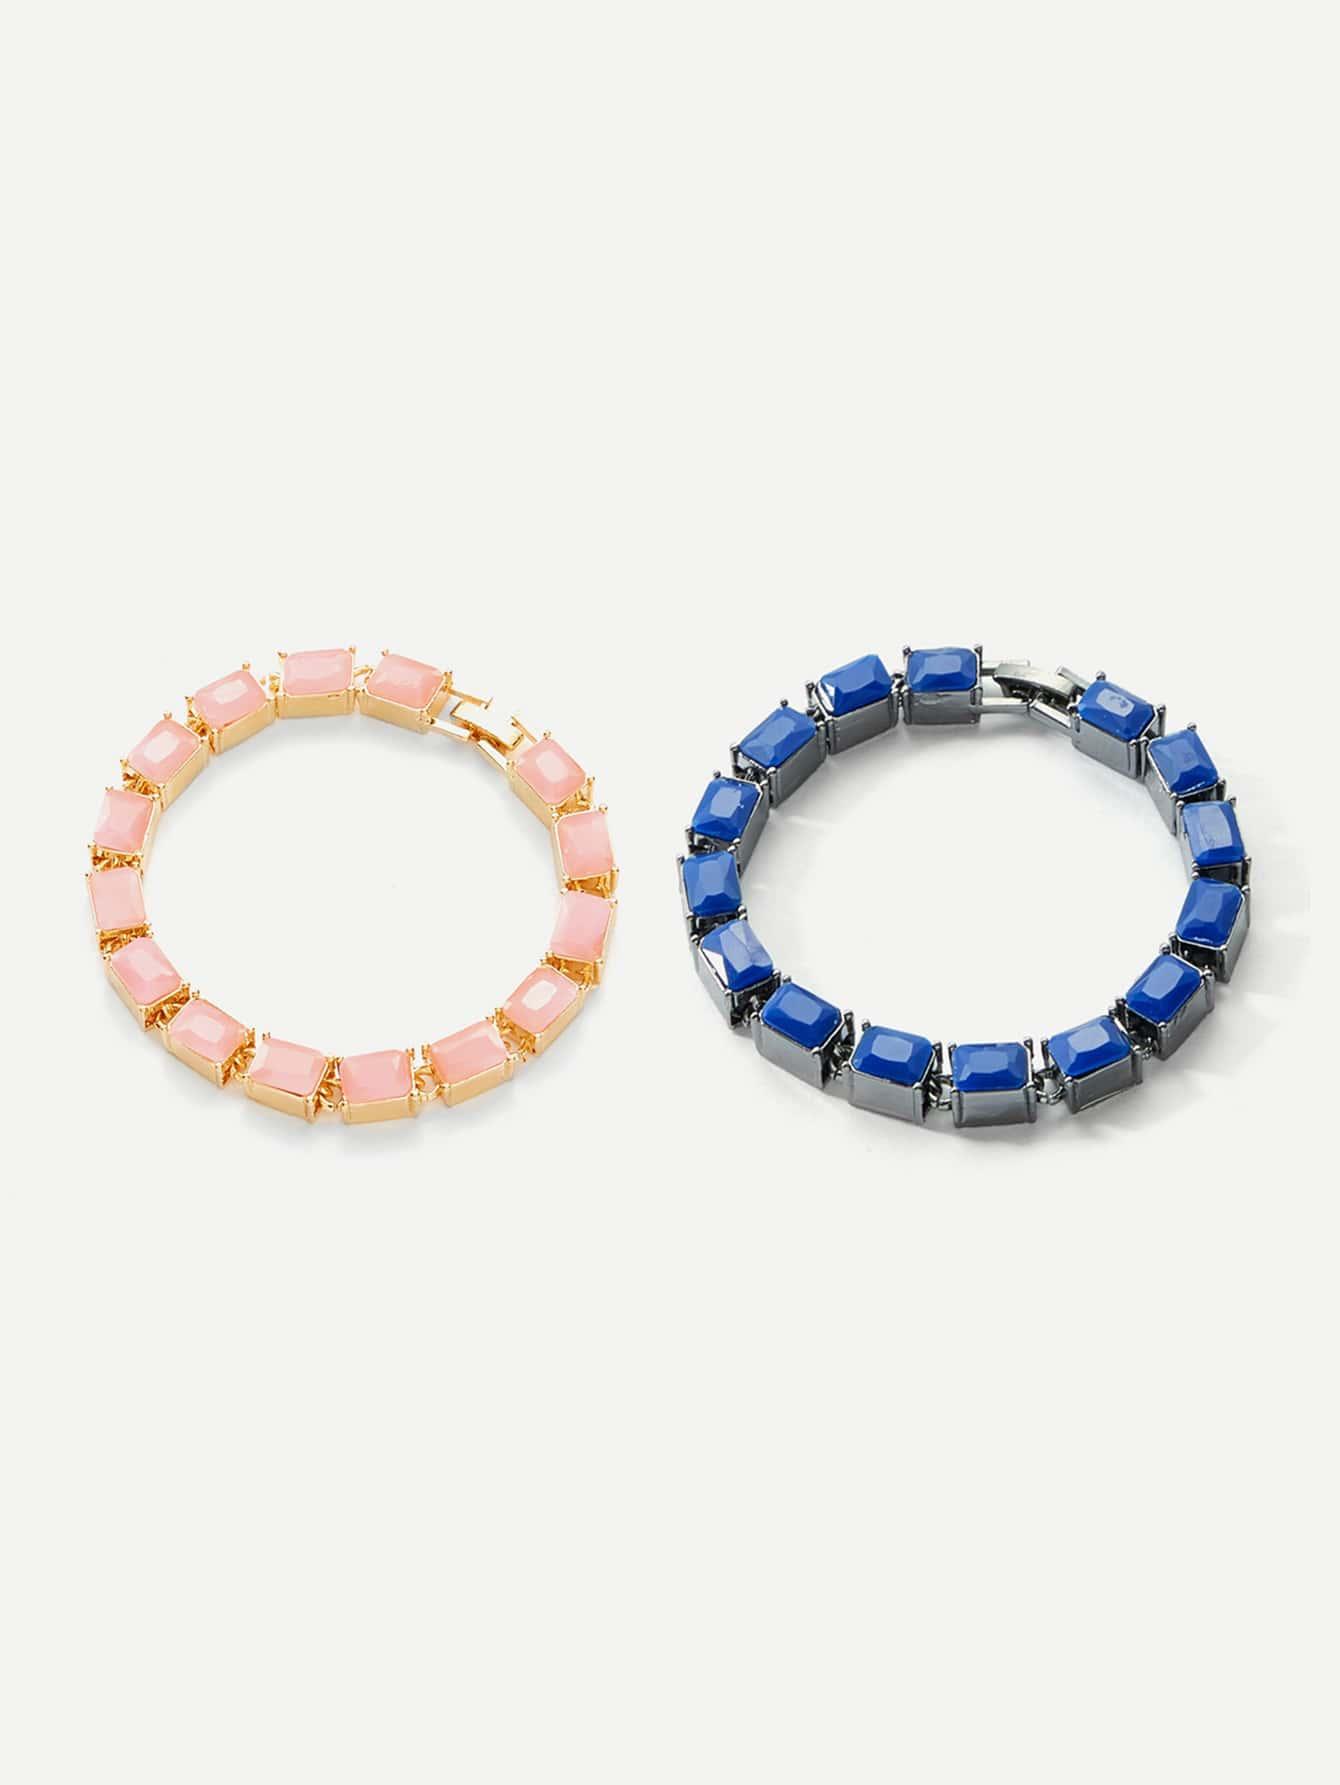 Gemstone Beaded Bracelet 2pcs dull polished mixed beaded bracelet